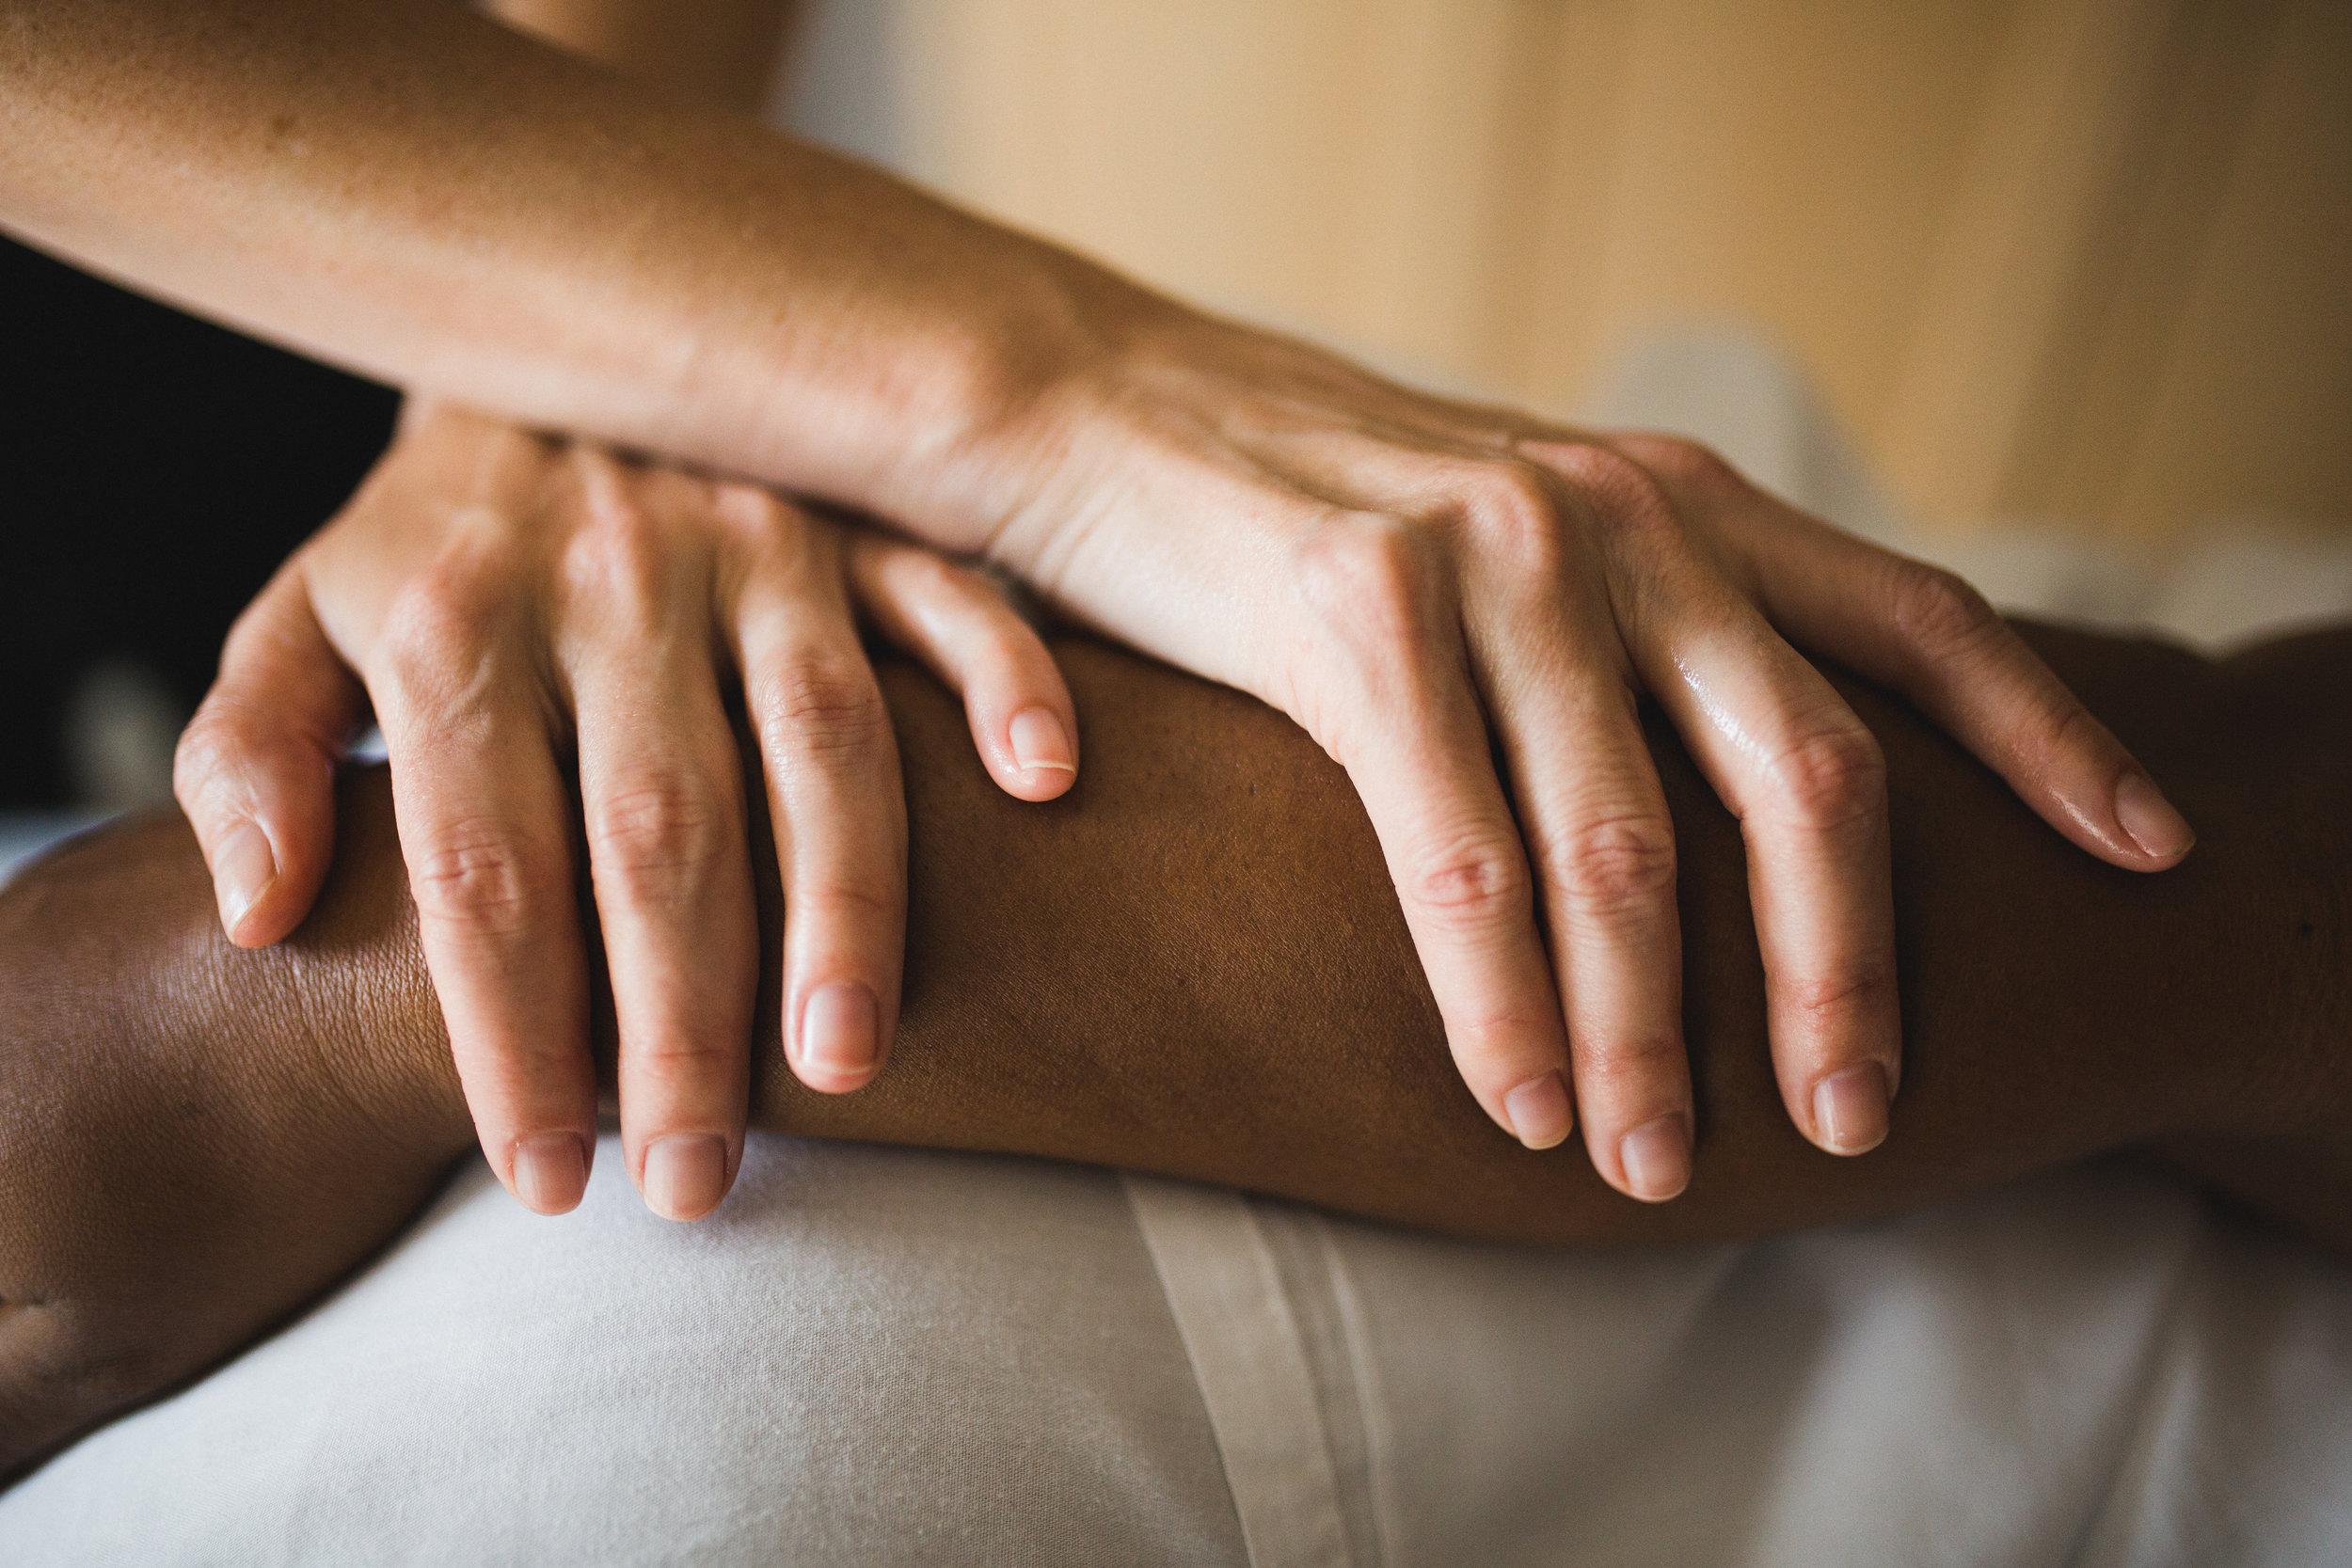 Glow-Chicago-Prenatal-Massage-Therapist.jpg